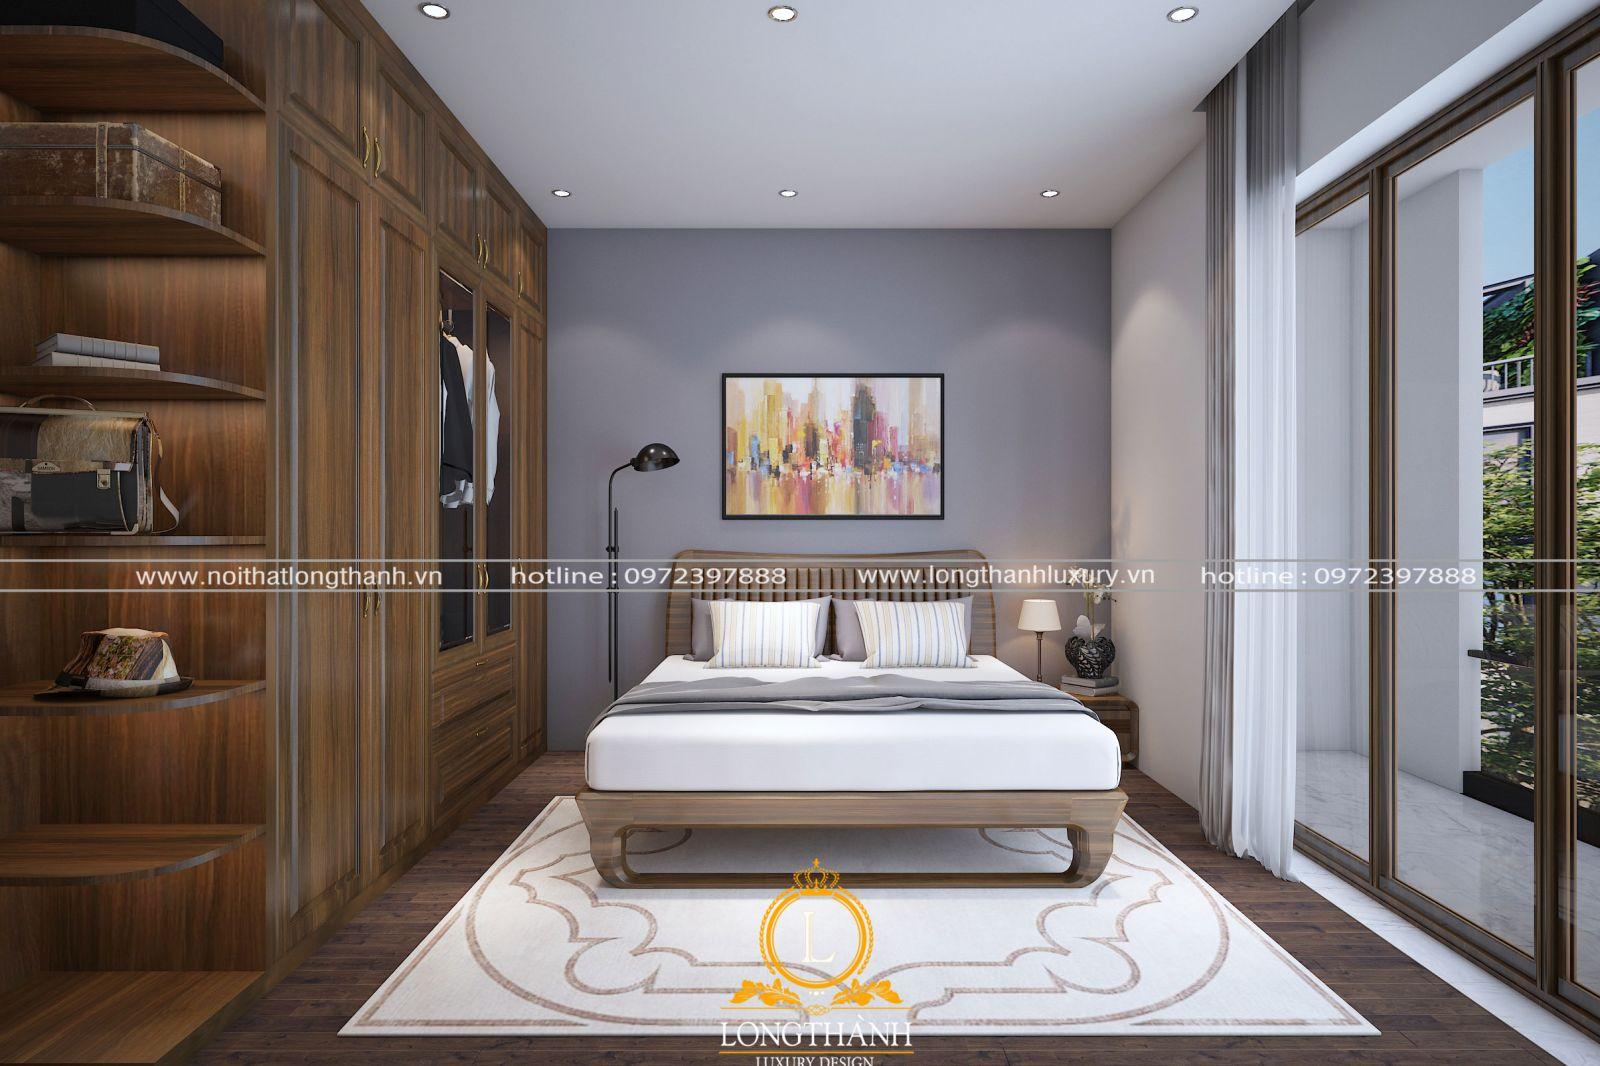 Mẫu phòng ngủ hiện đại với gỗ tự nhiên Óc chó